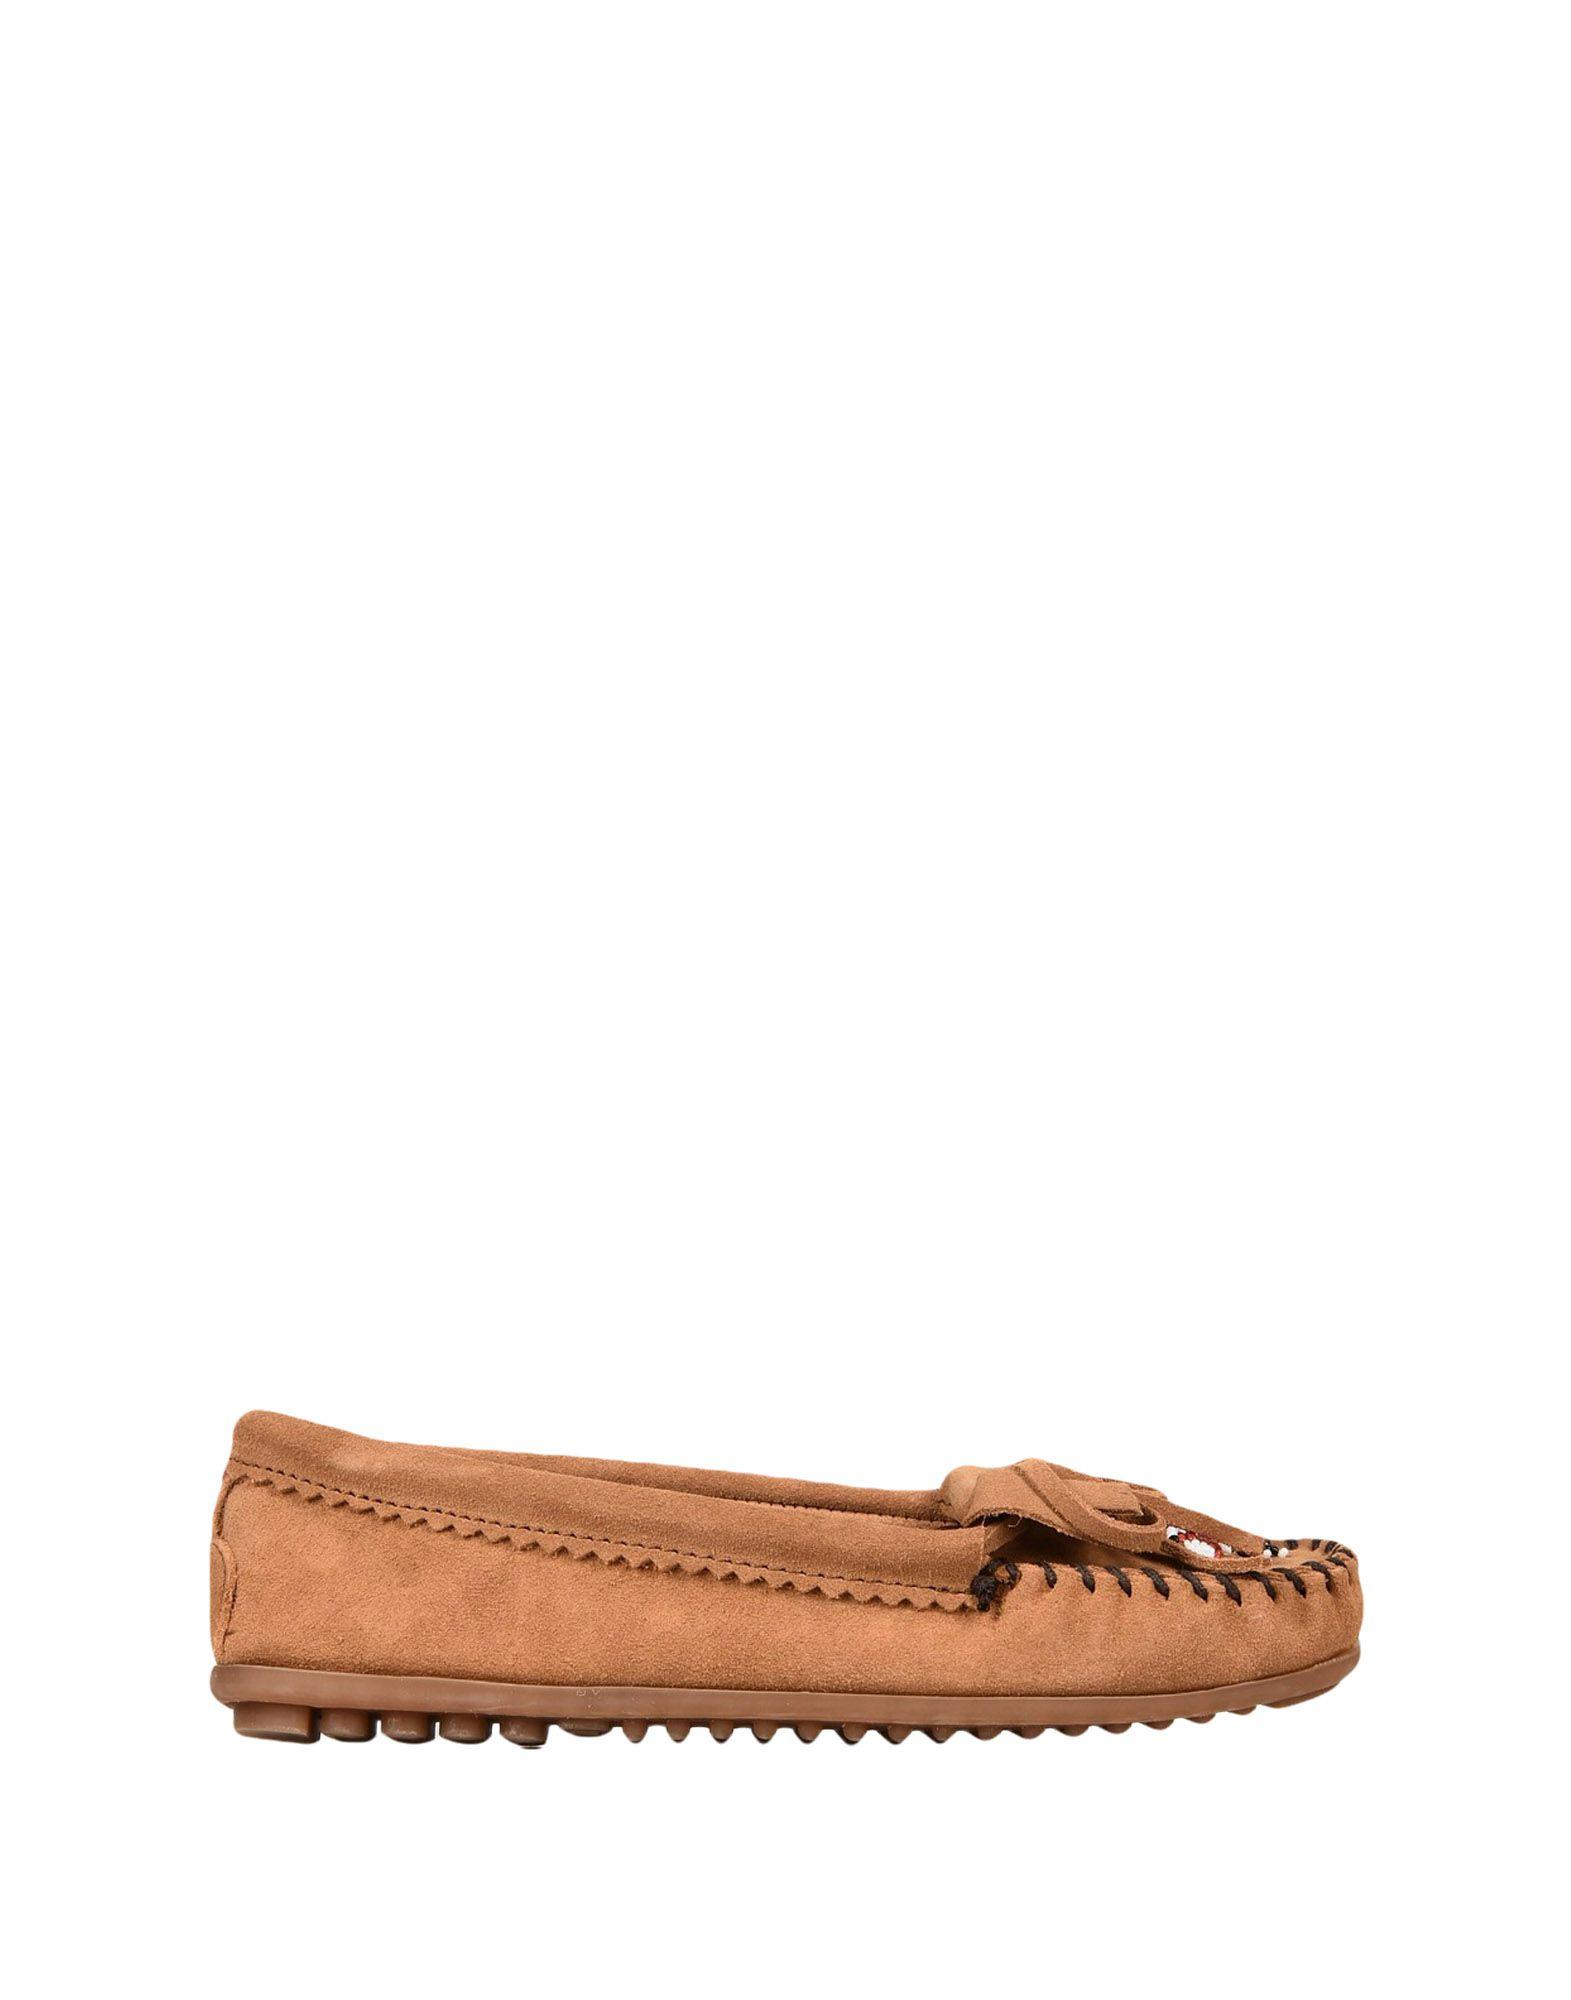 Minnetonka Thunderbird Ii  11227435HJ Schuhe Gute Qualität beliebte Schuhe 11227435HJ 398dd0